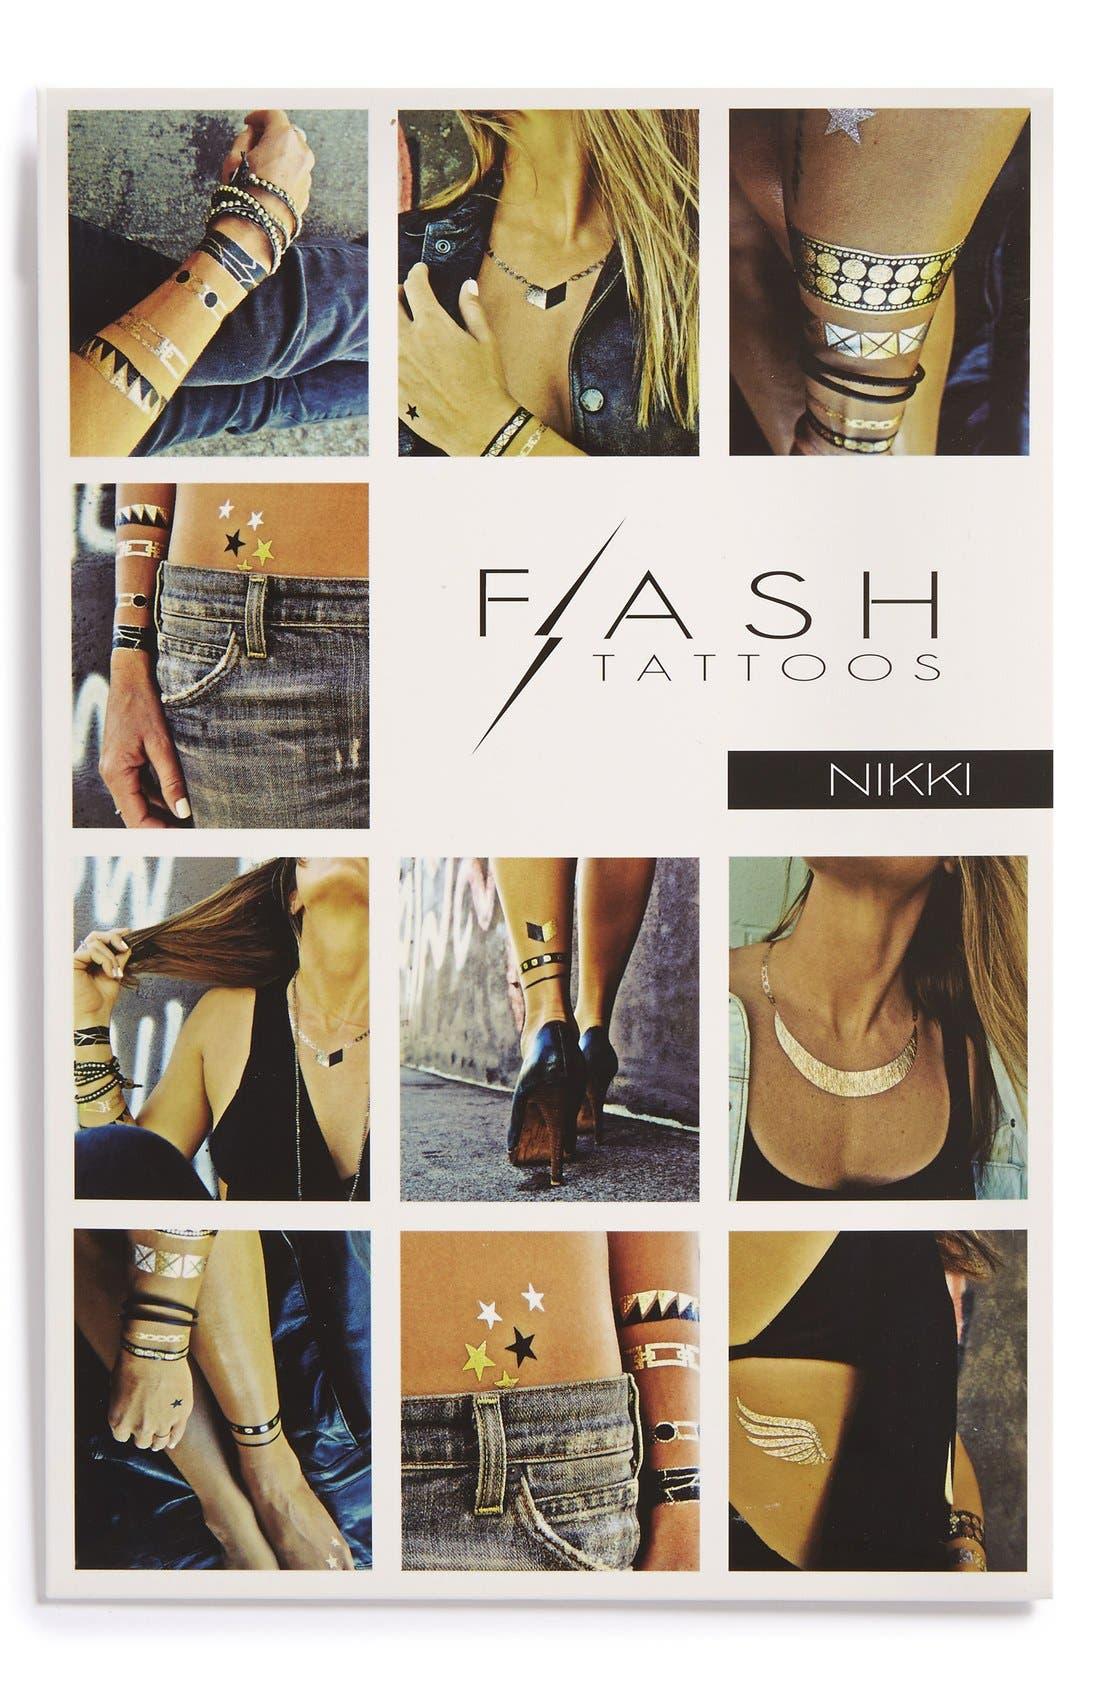 Main Image - Flash Tattoos 'Nikki' Temporary Tattoos (Juniors)